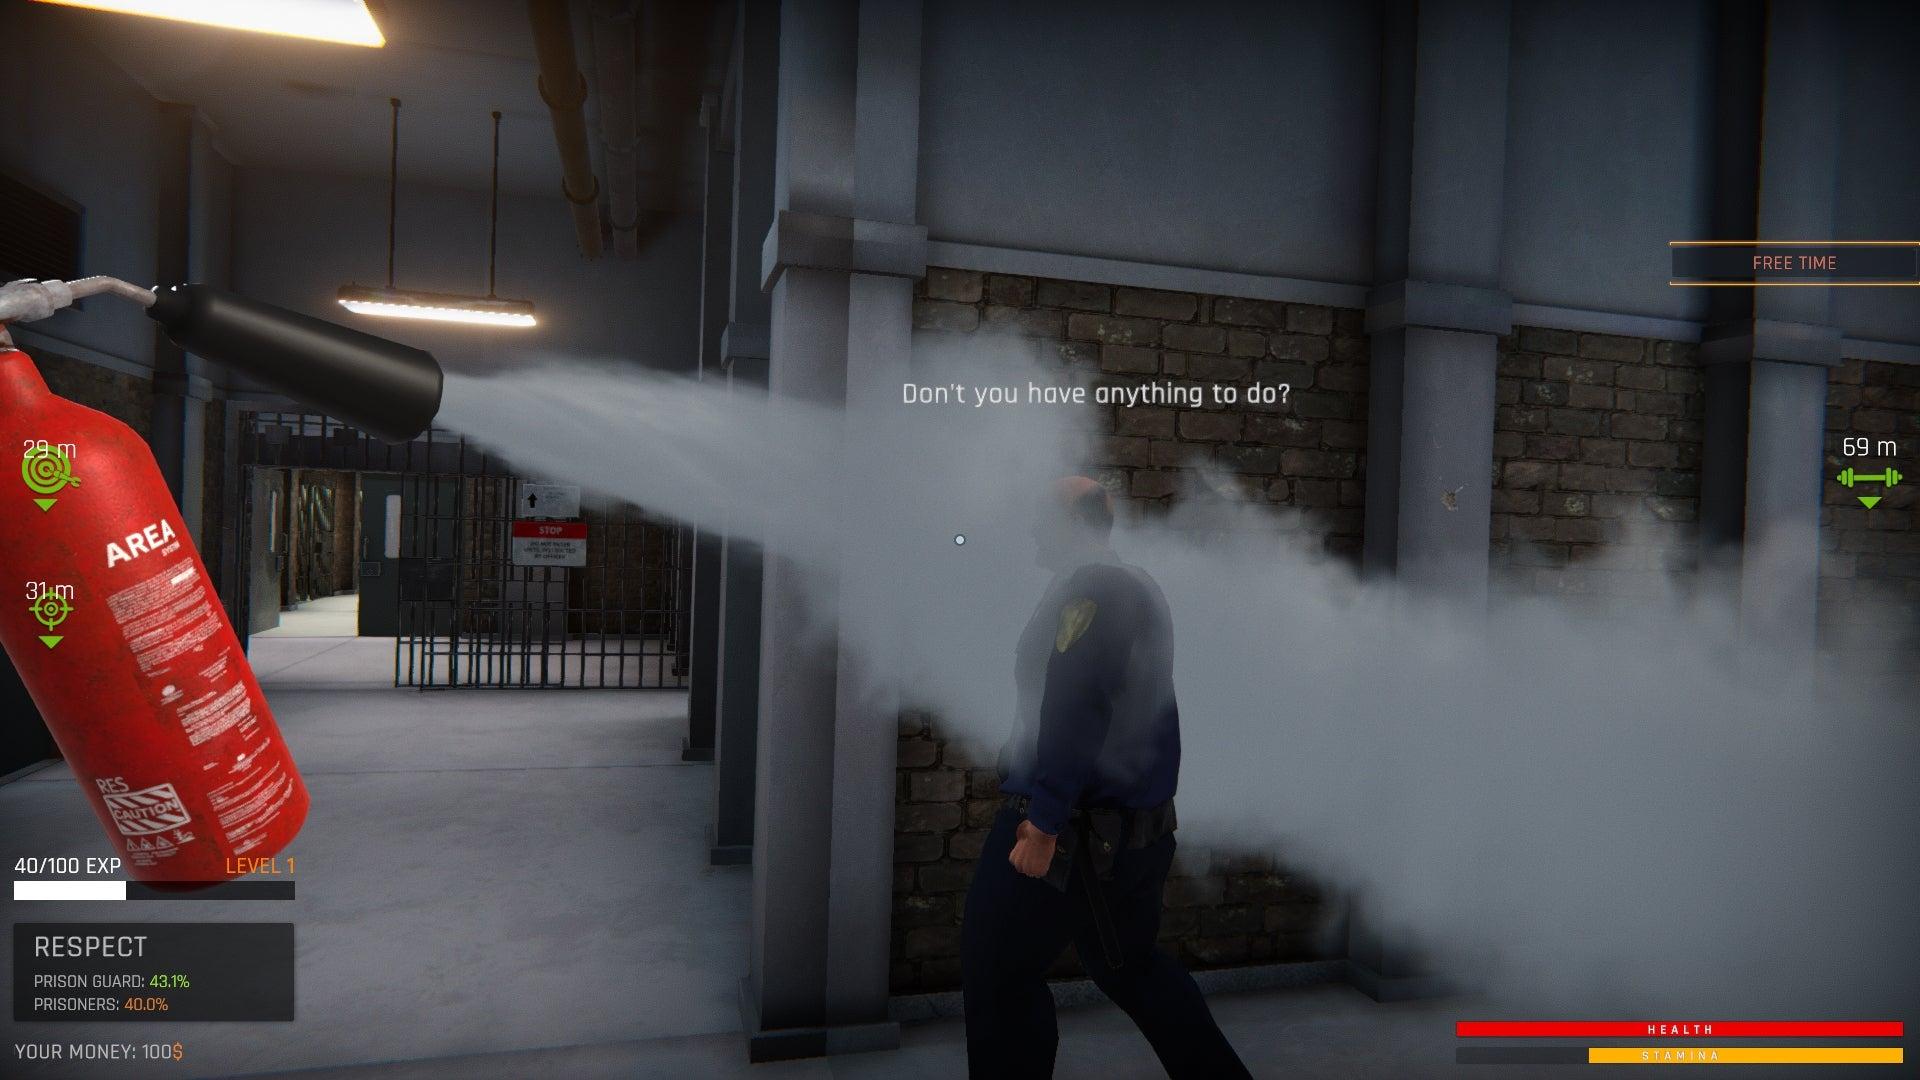 Screenshot of Prison Simulator